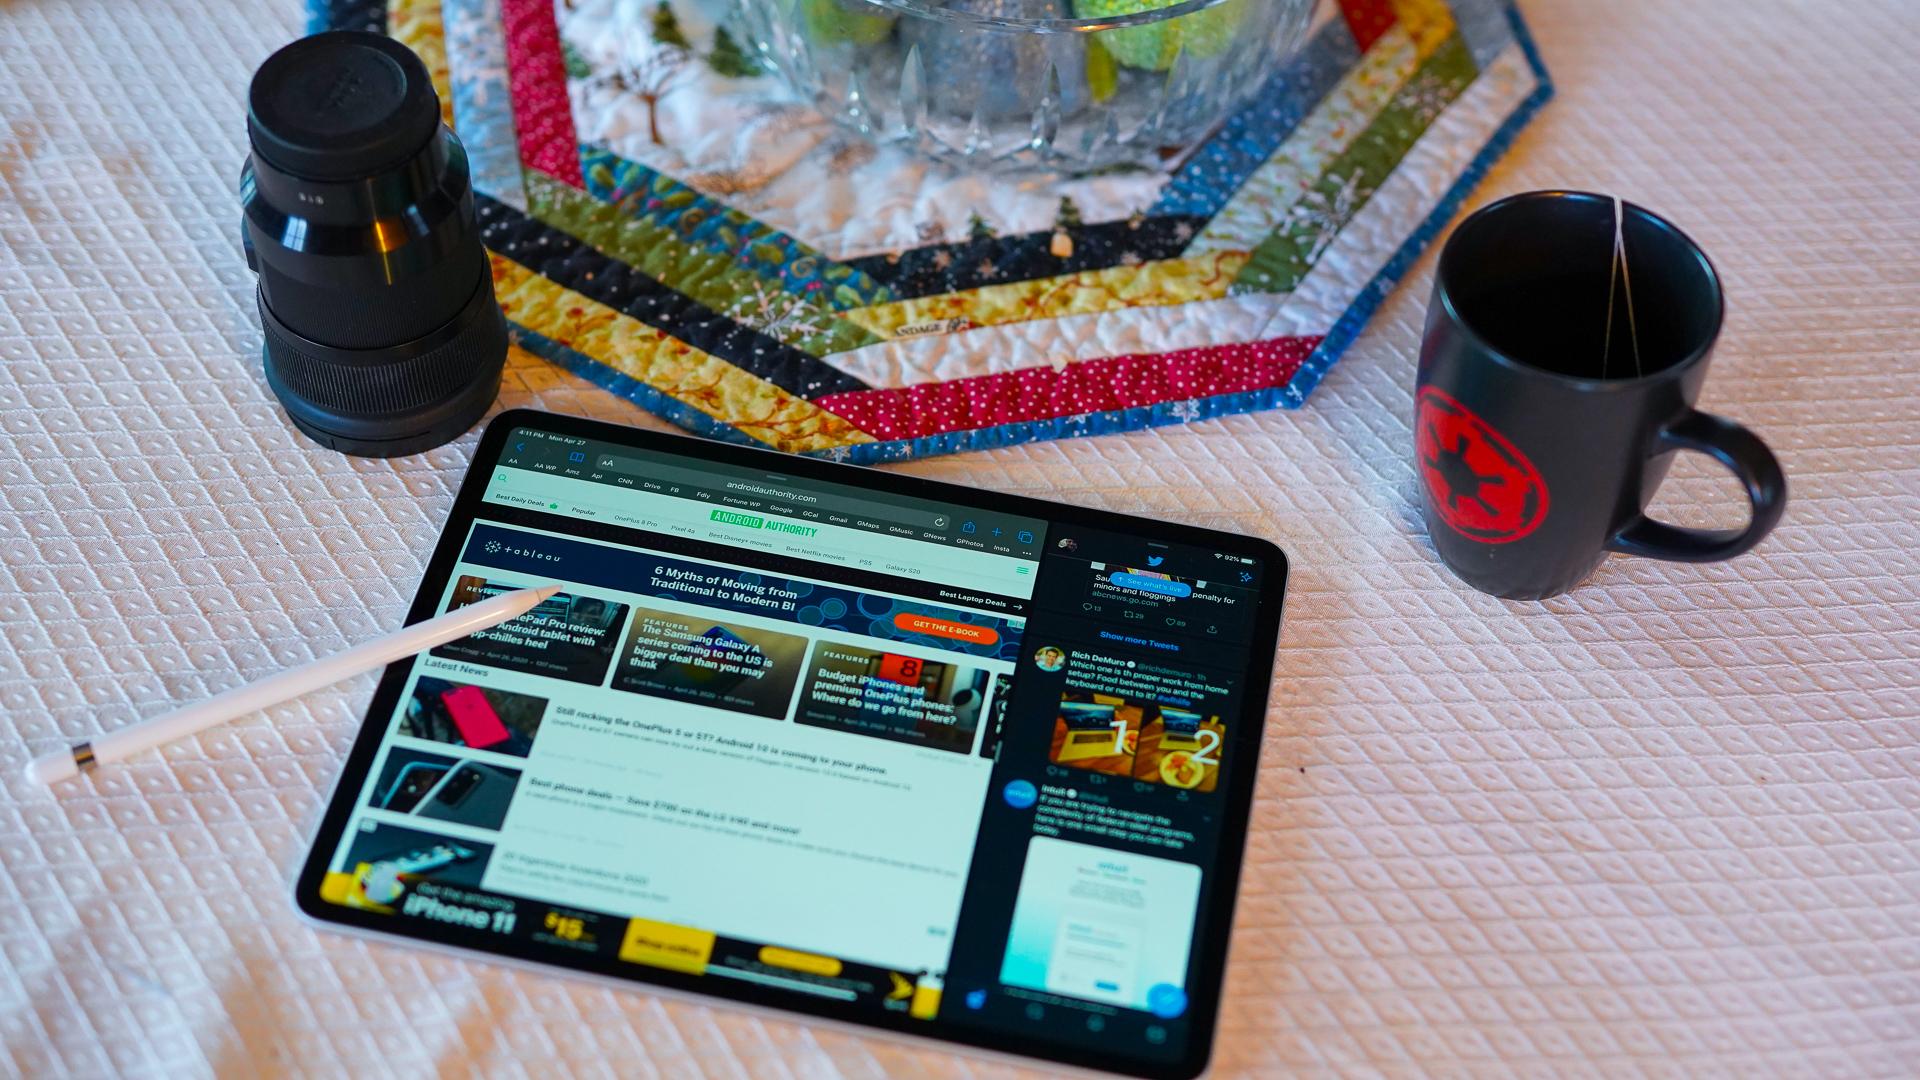 Apple iPad Pro 2020 on table